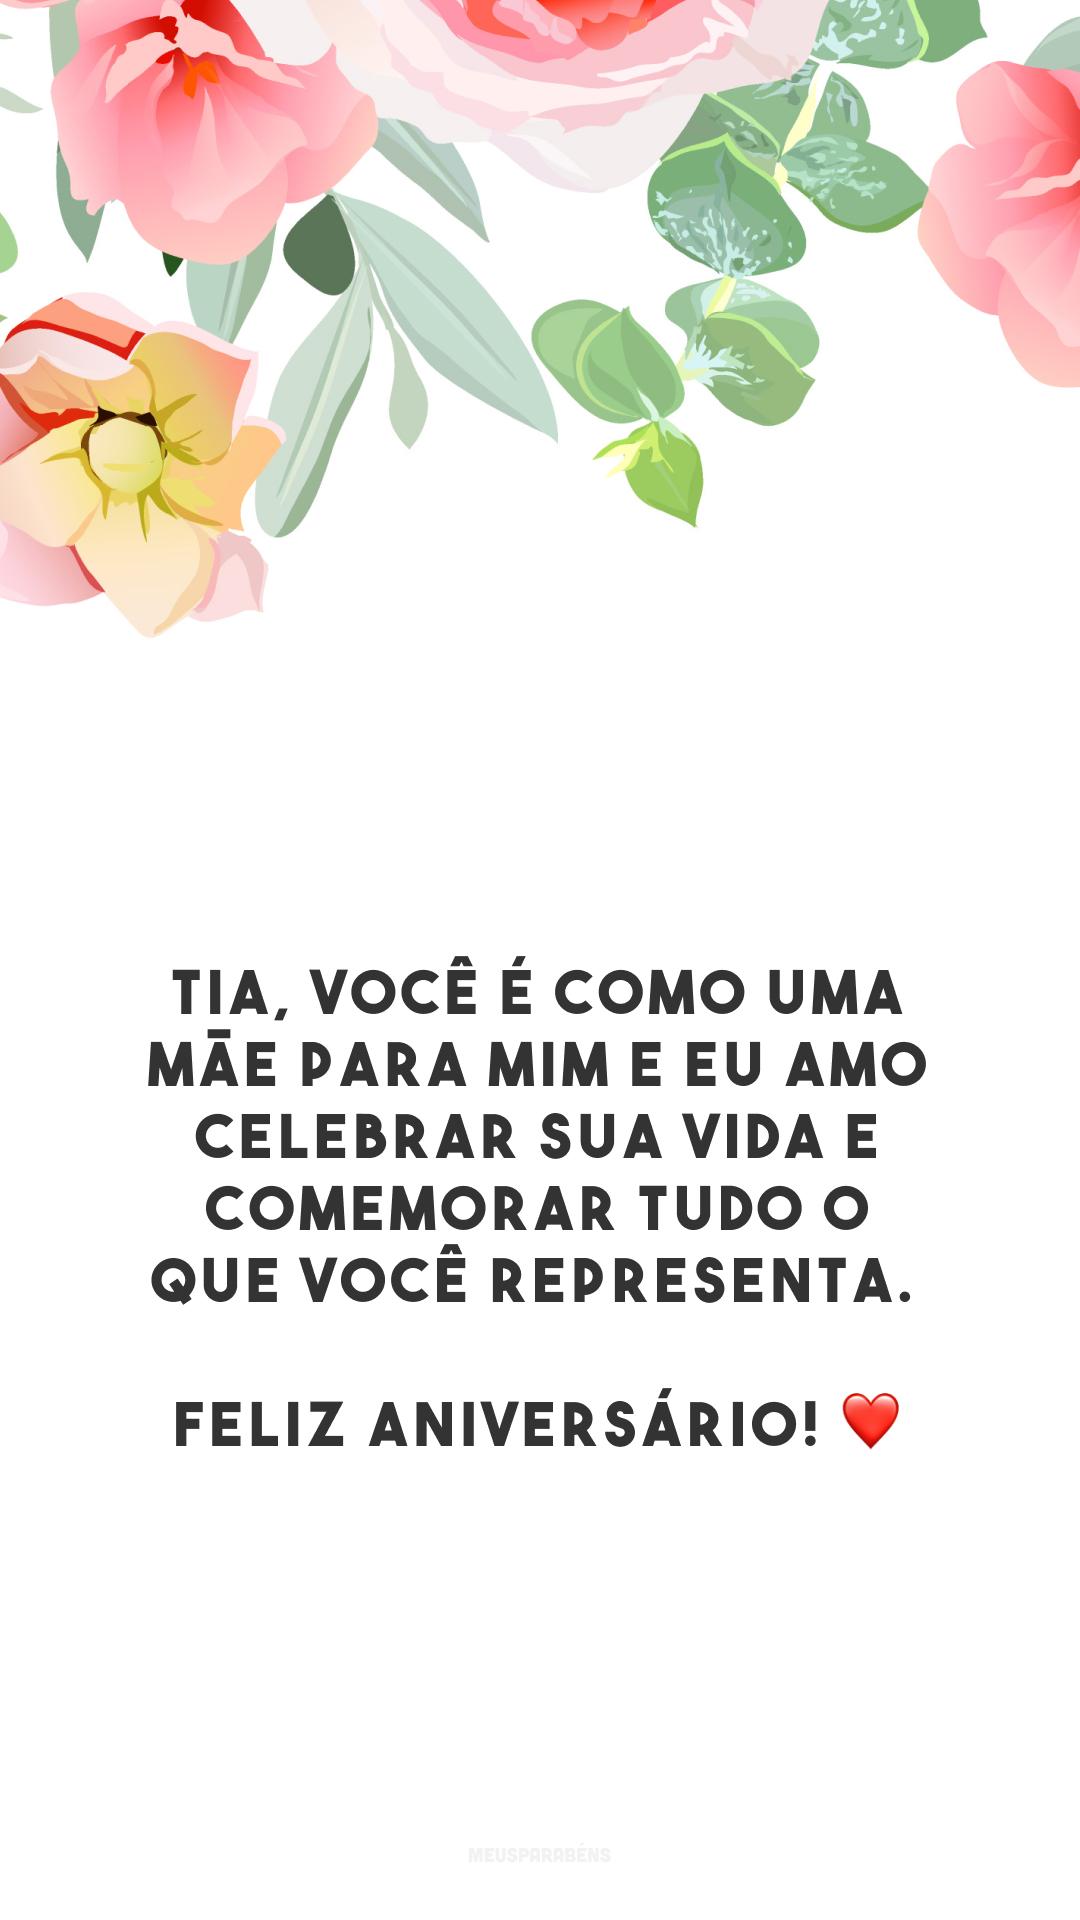 Tia, você é como uma mãe para mim e eu amo celebrar sua vida e comemorar tudo o que você representa. Feliz aniversário! ❤️